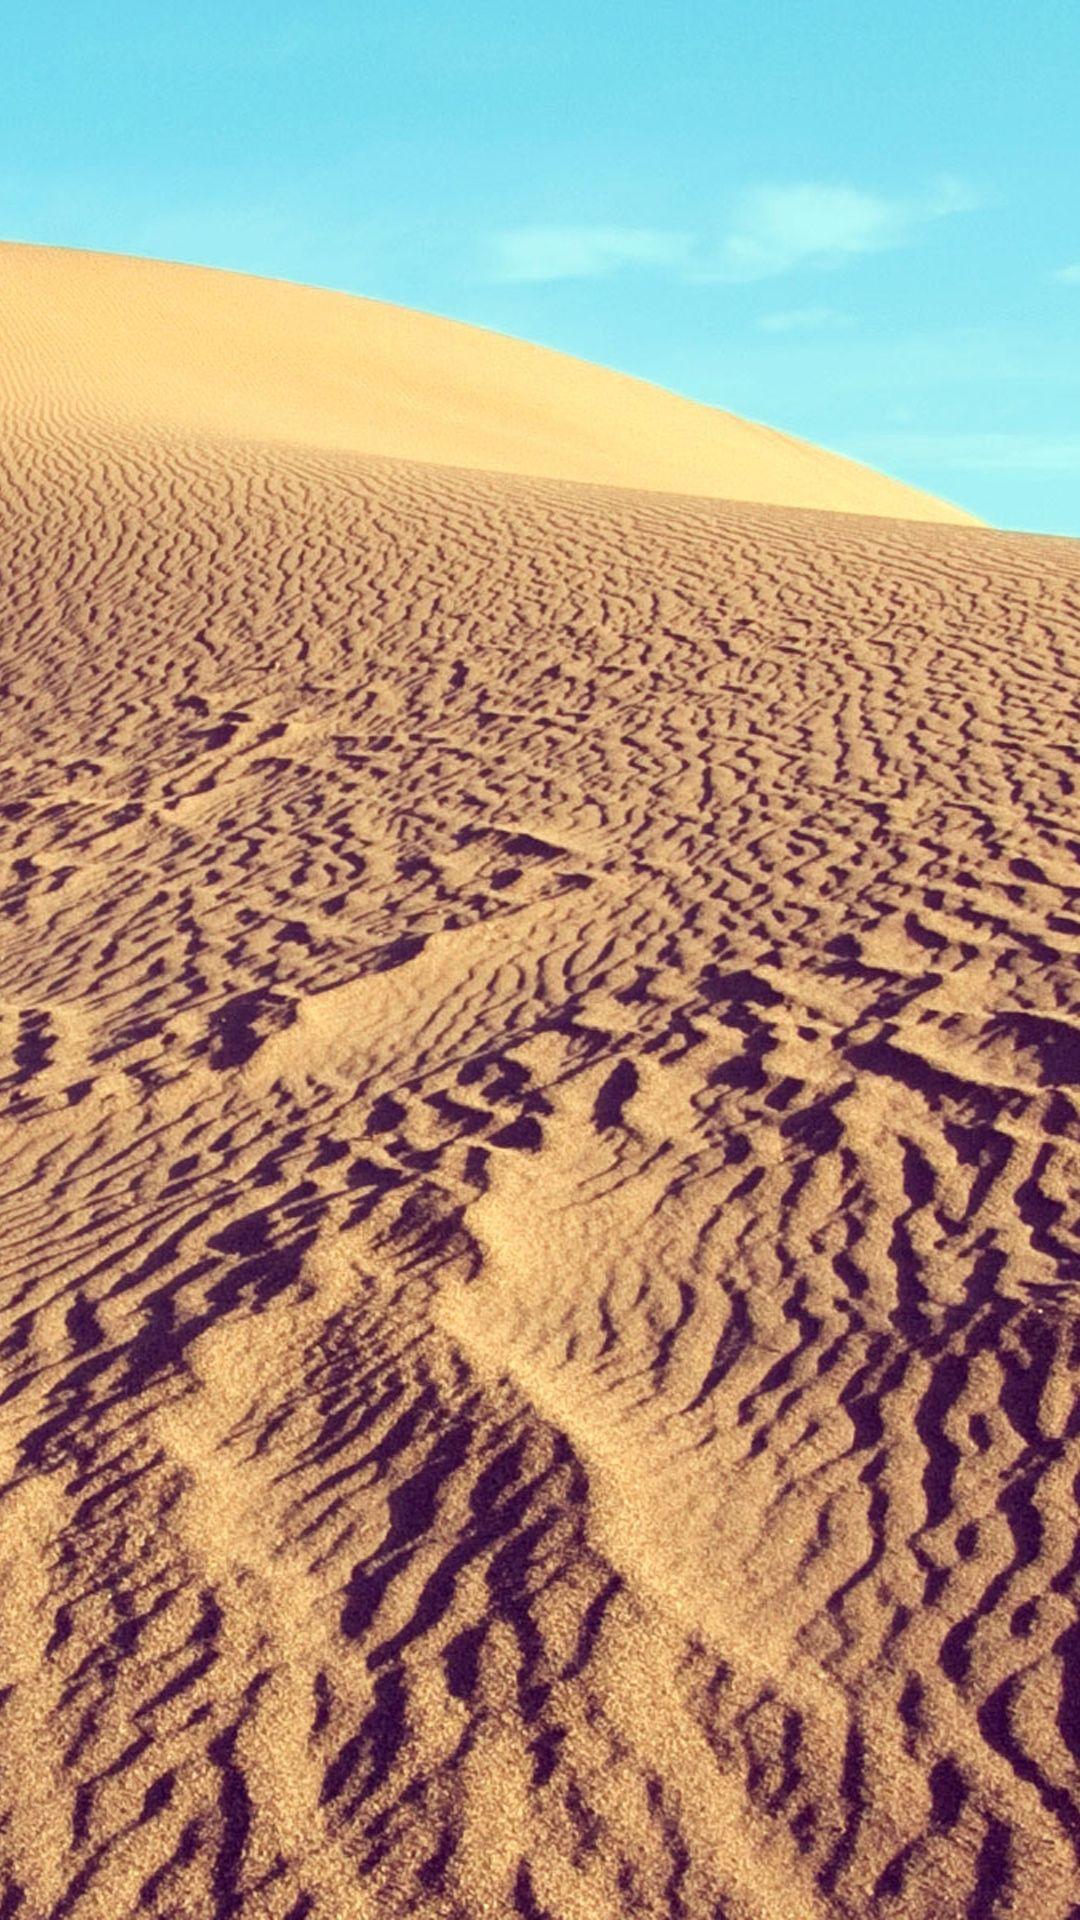 Wallpaper For Iphone The Desert